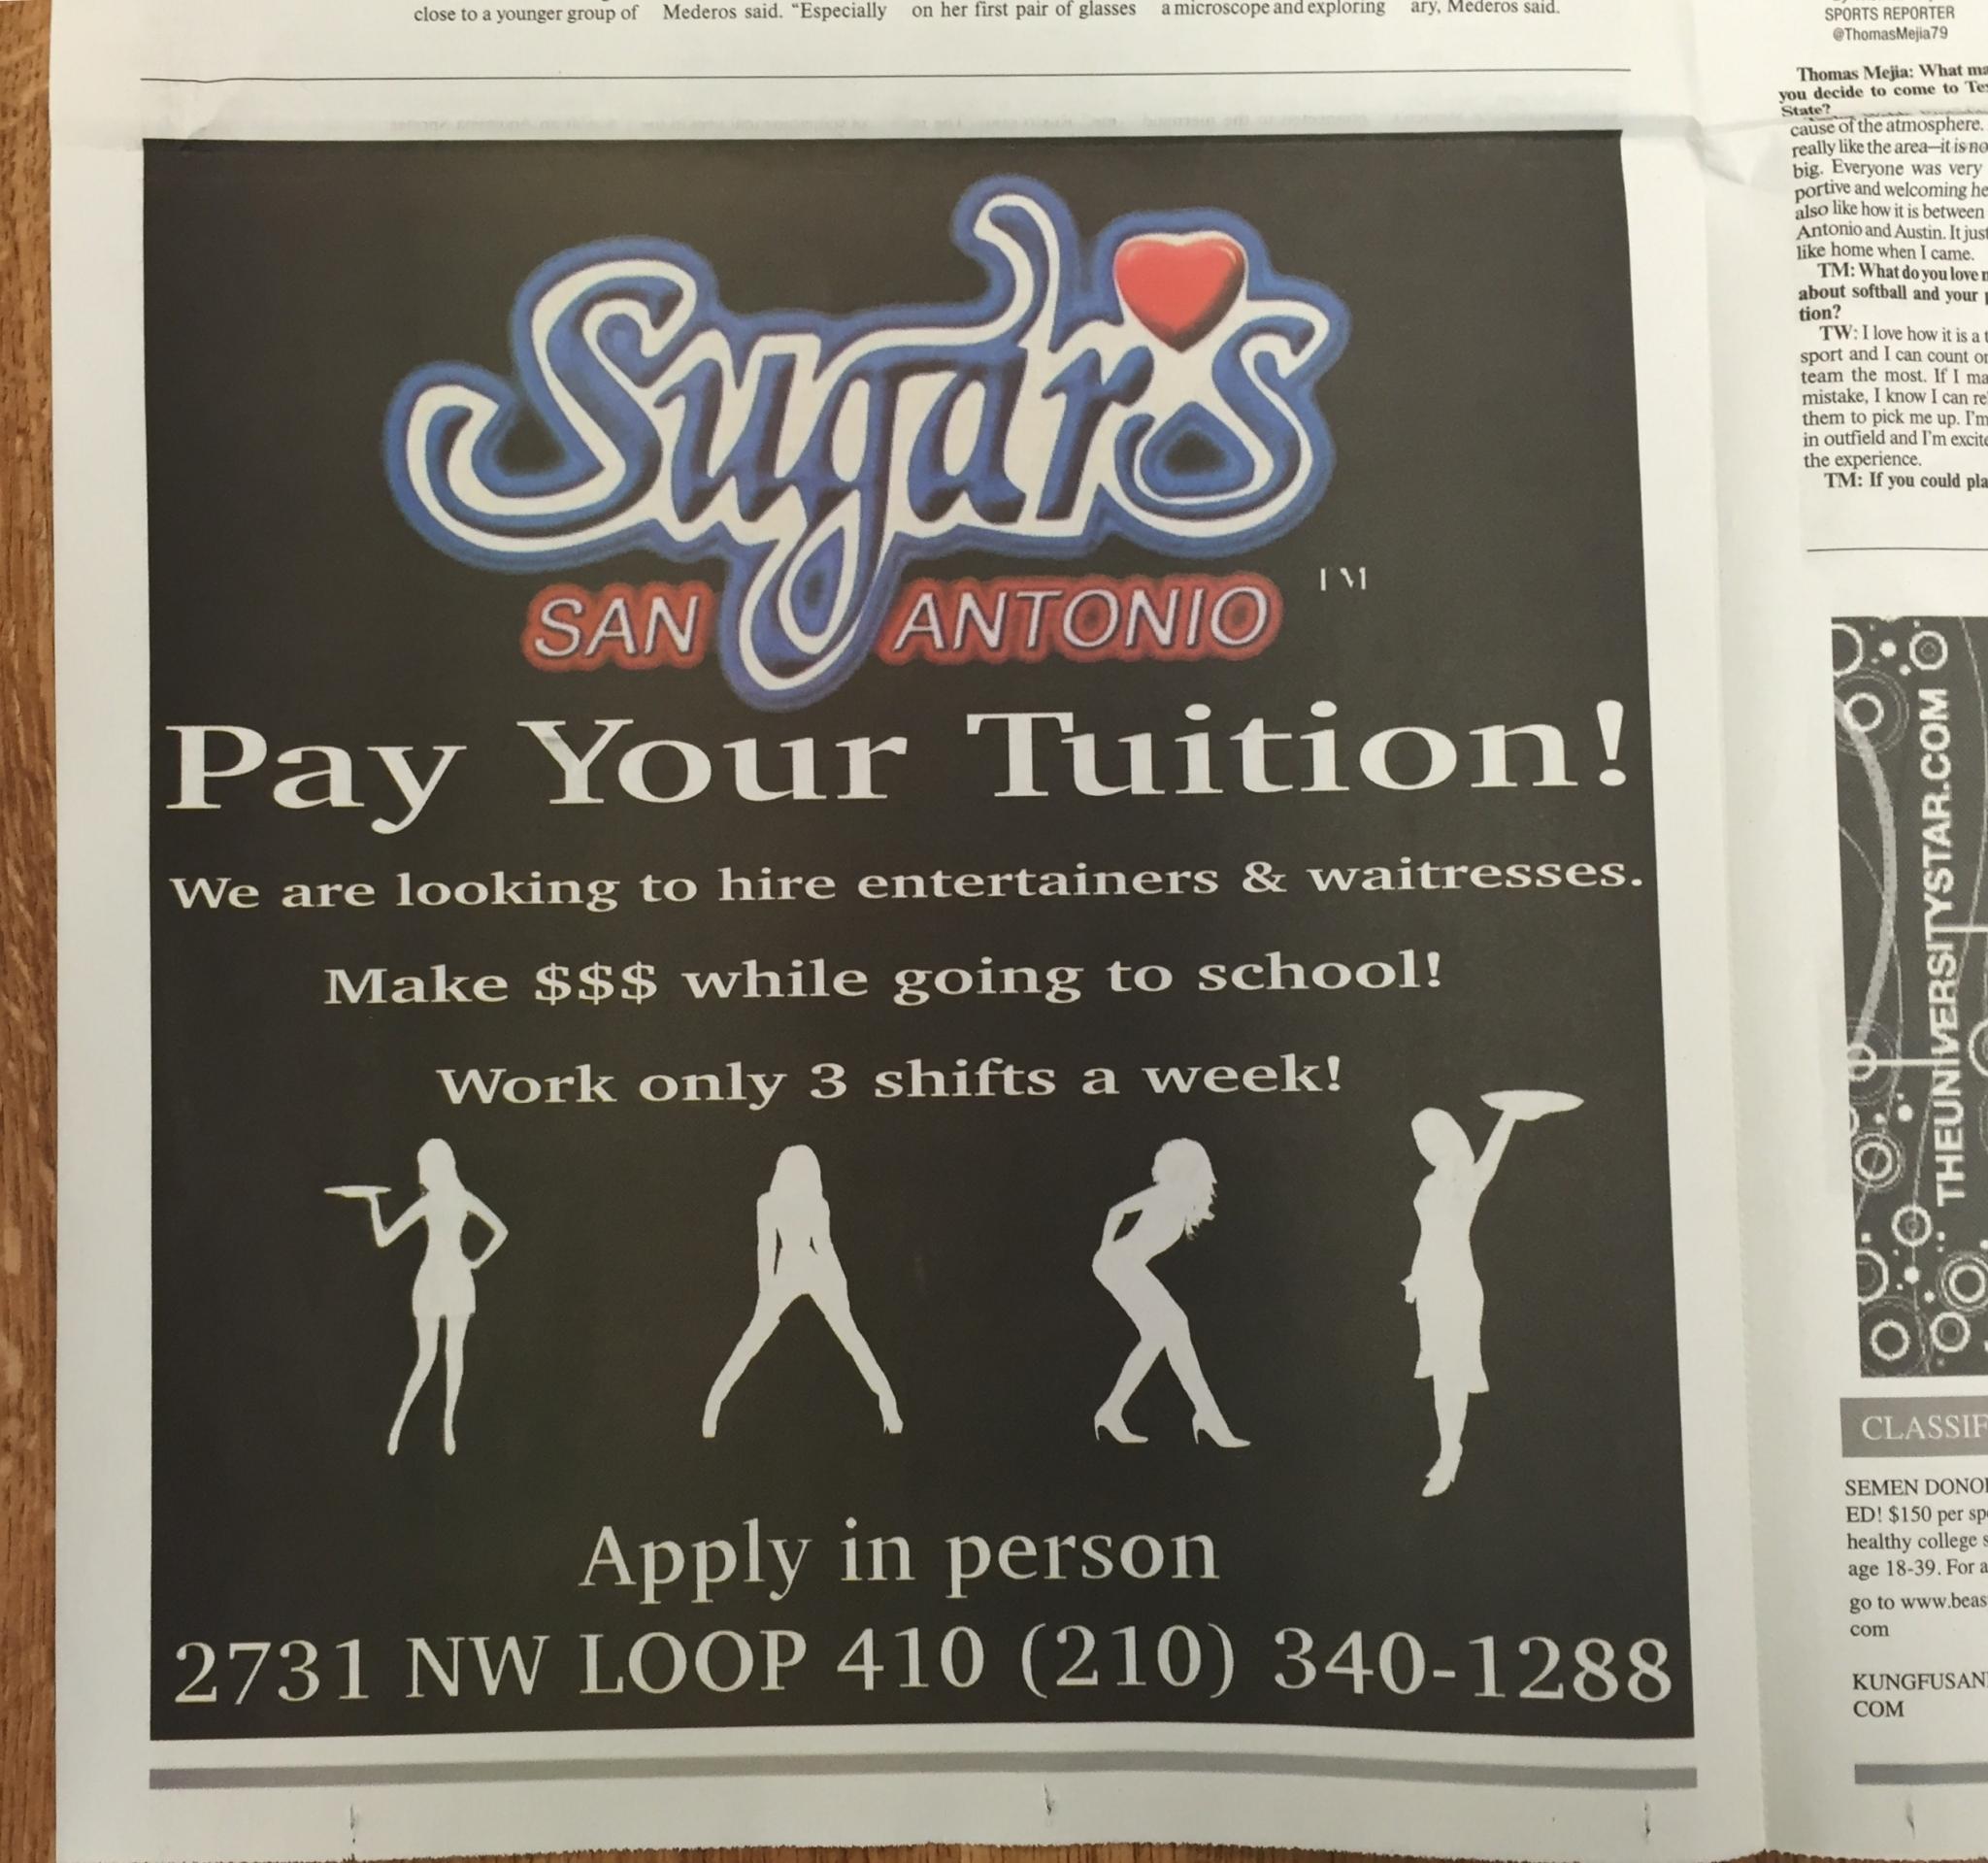 Strip Clubs in San Antonio - Worlds Best Strip Clubs